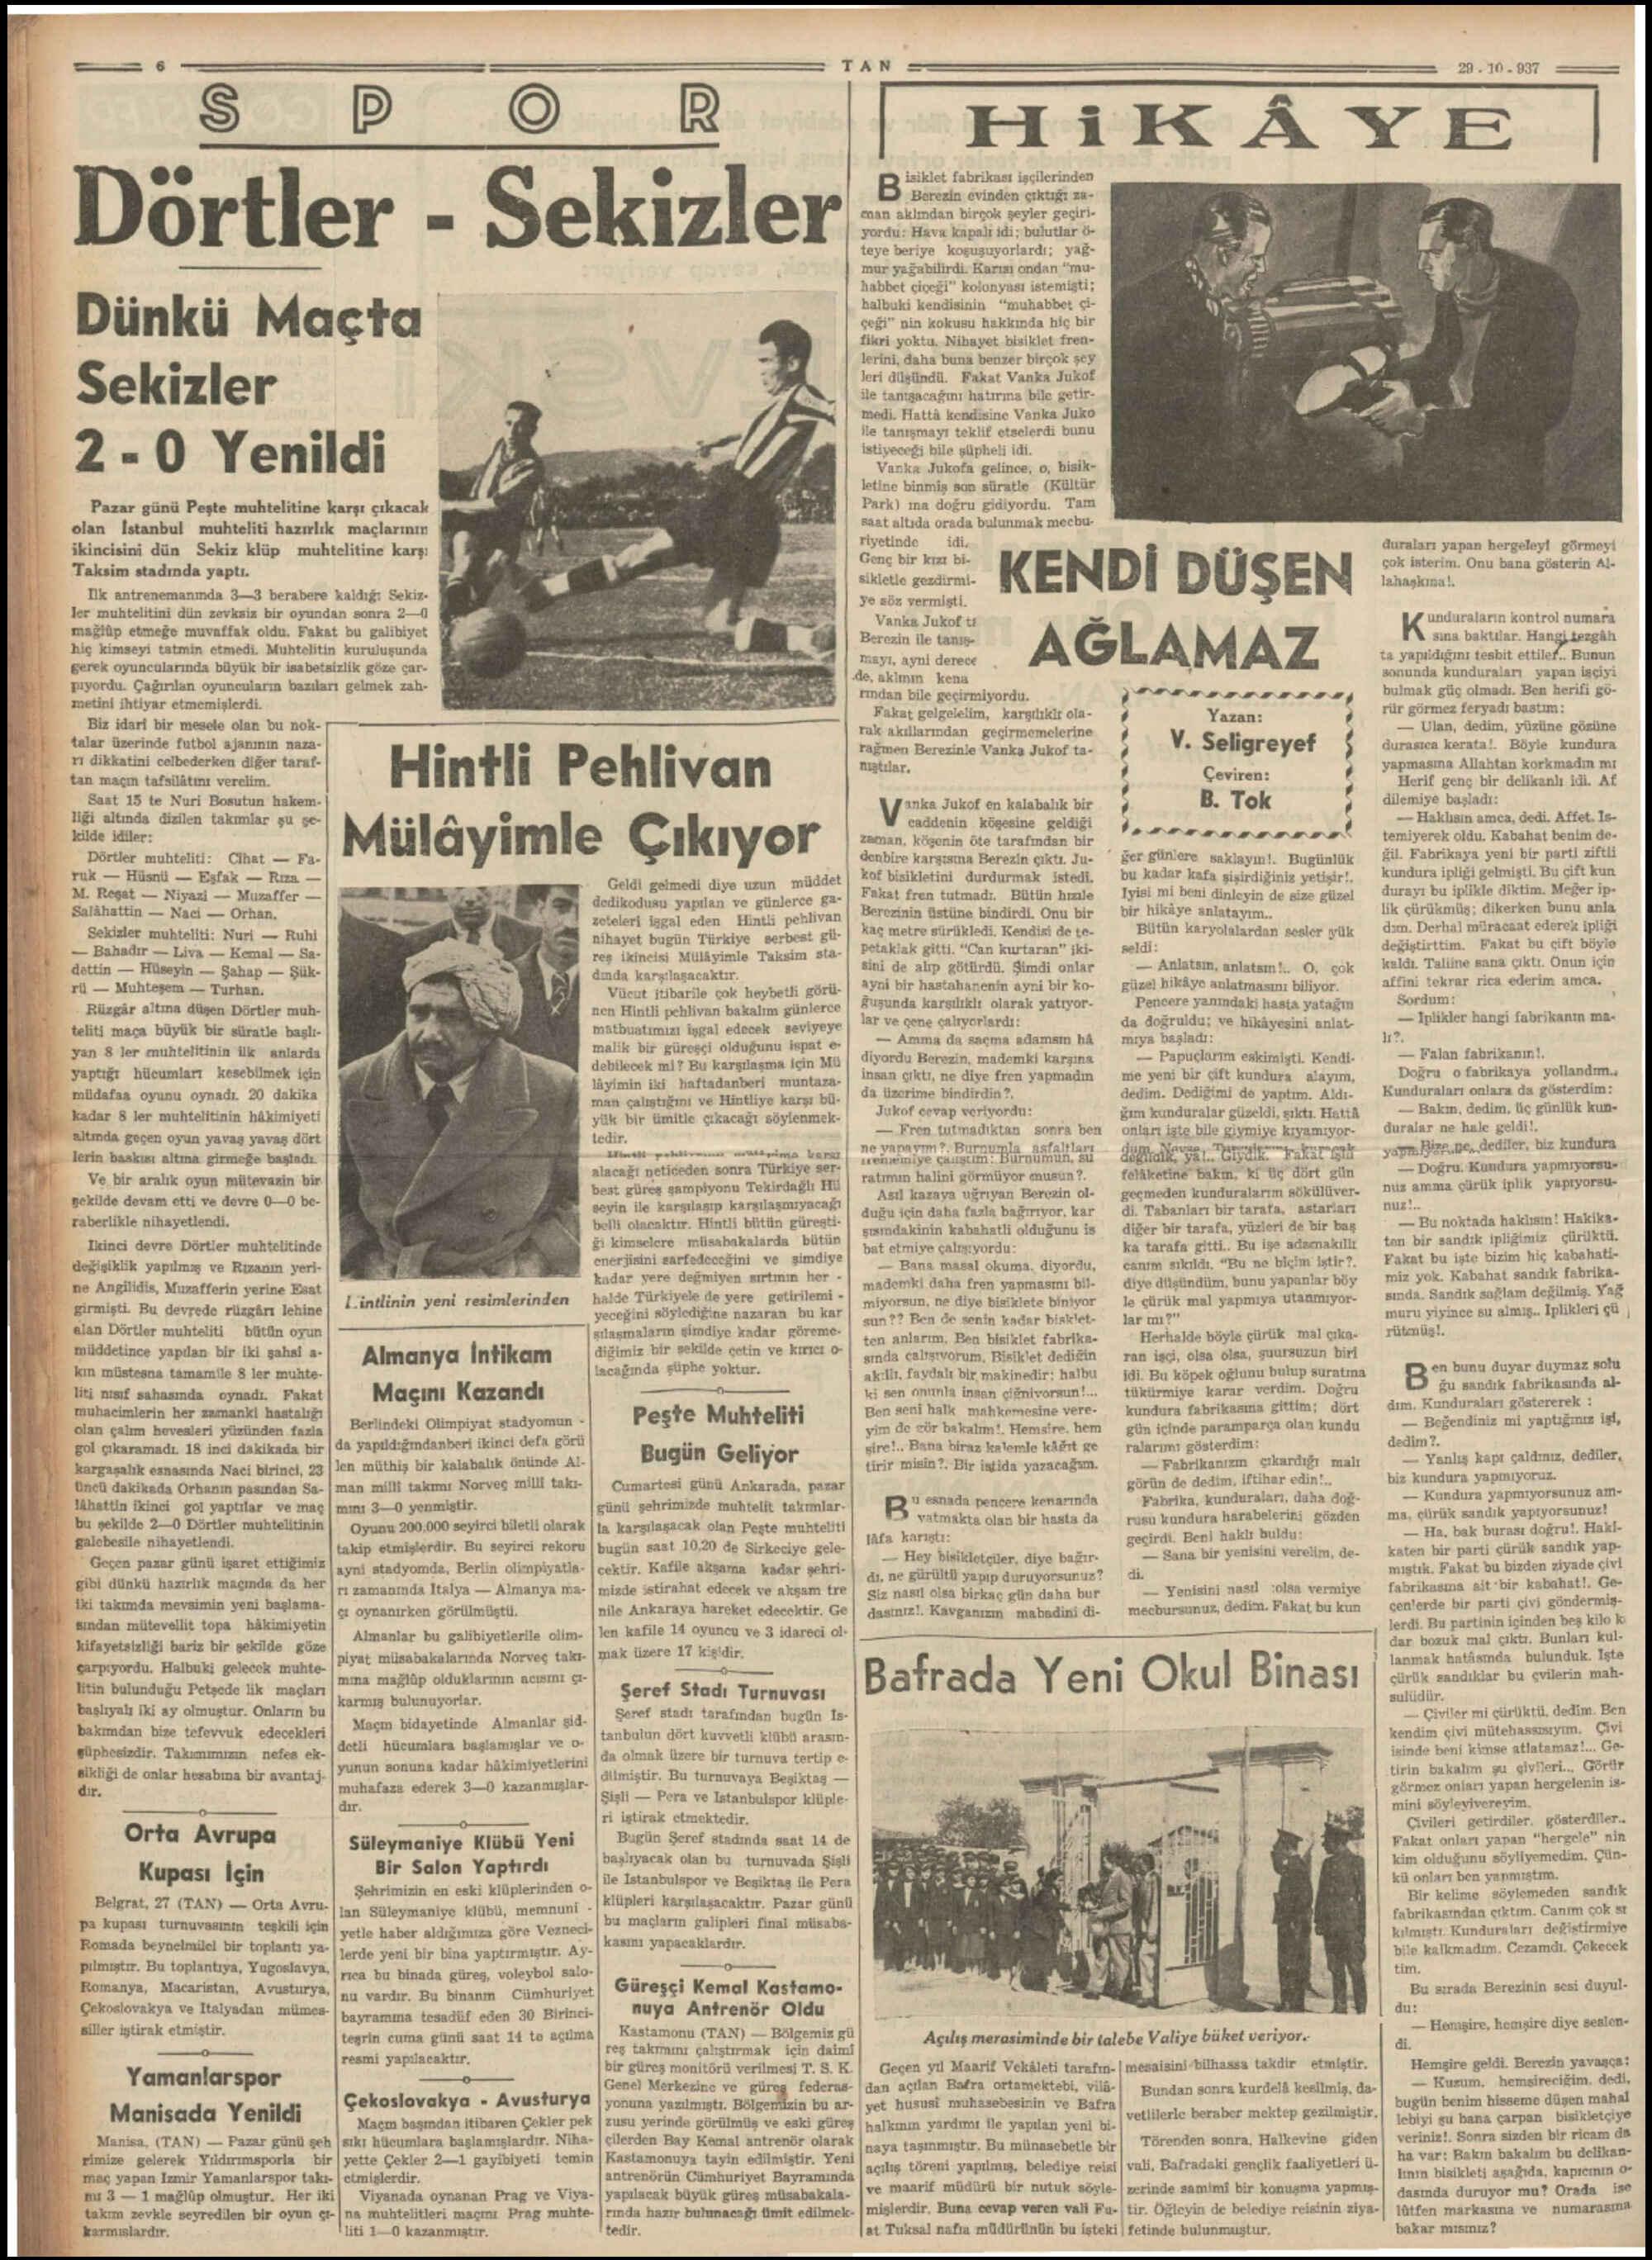 29 Kasım 1937 Tarihli Tan Dergisi Sayfa 6